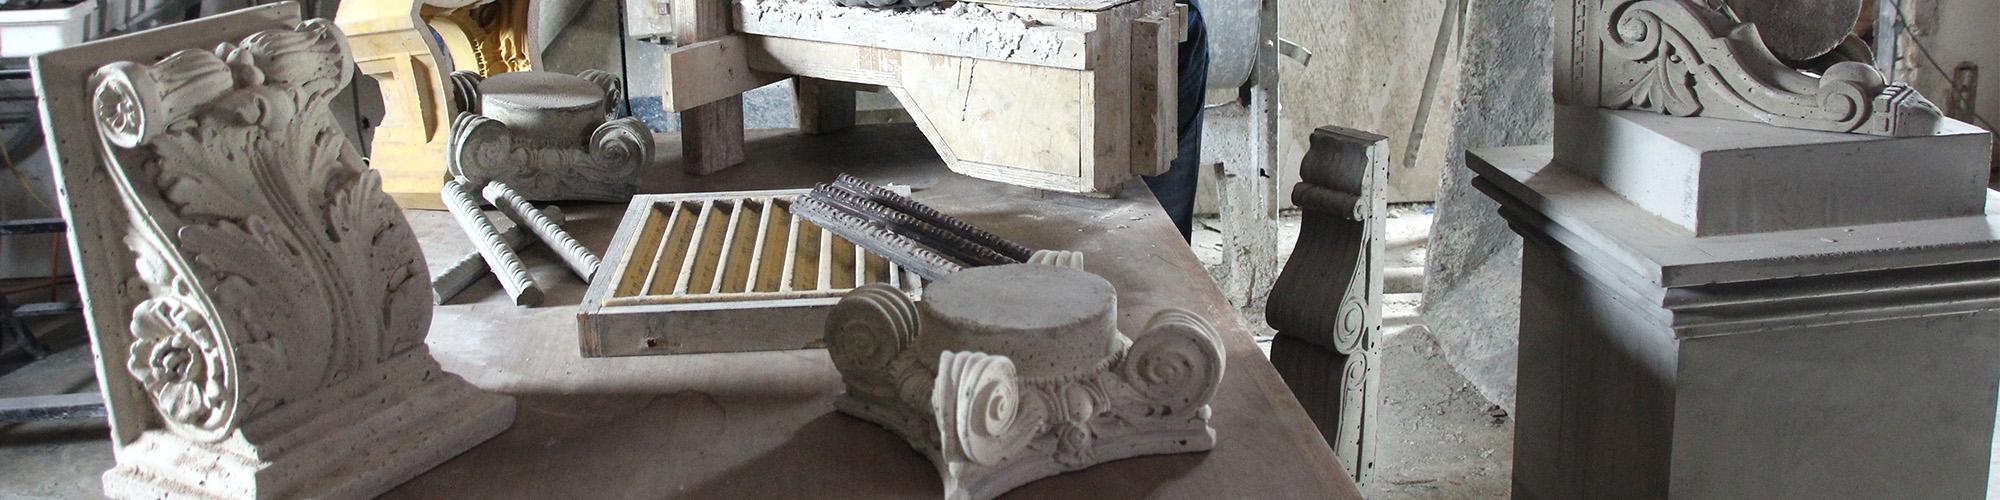 cast stone shop